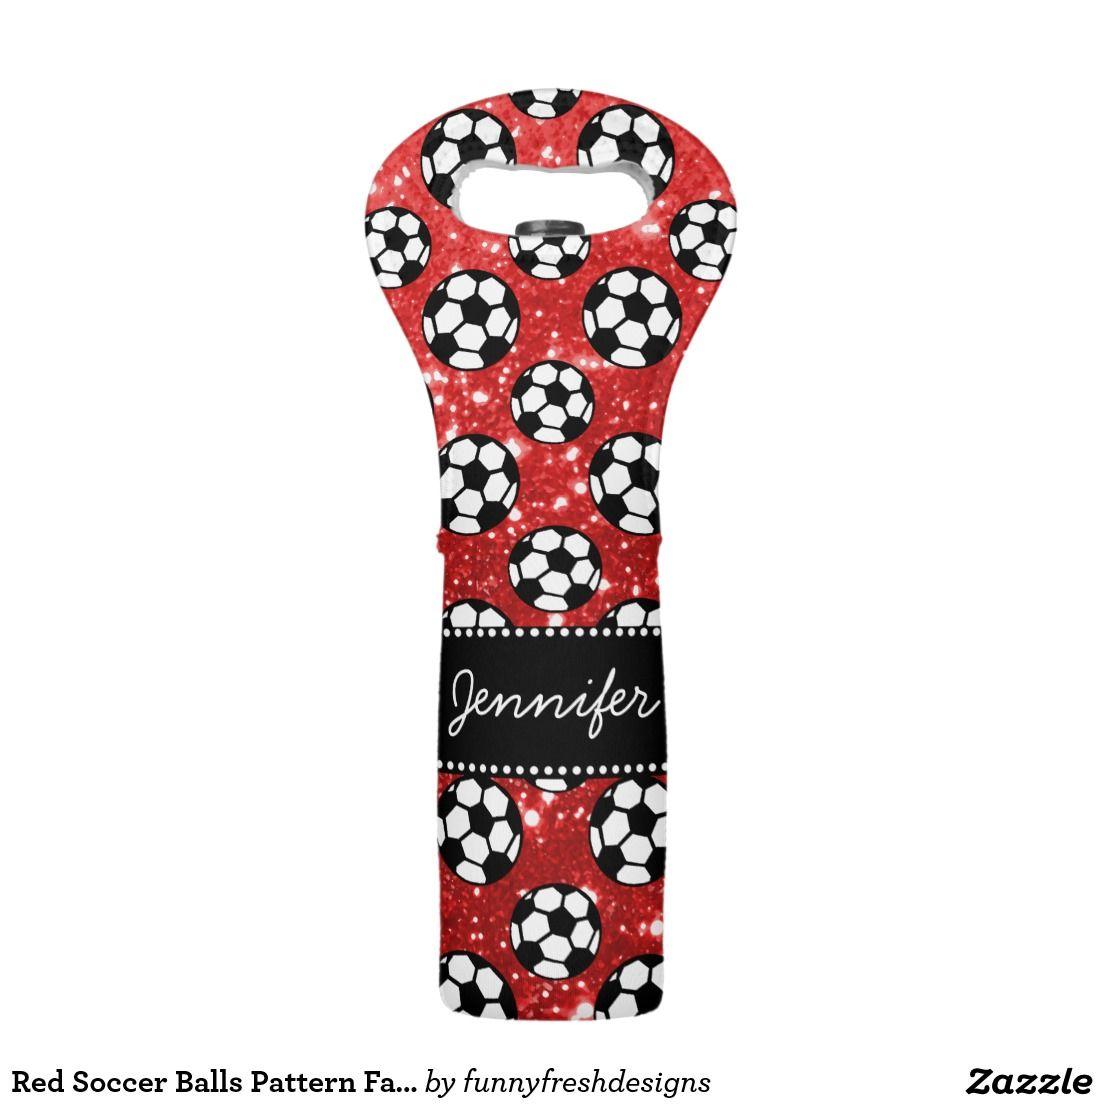 Red Soccer Balls Pattern Fake Glitter Name Wine Bag